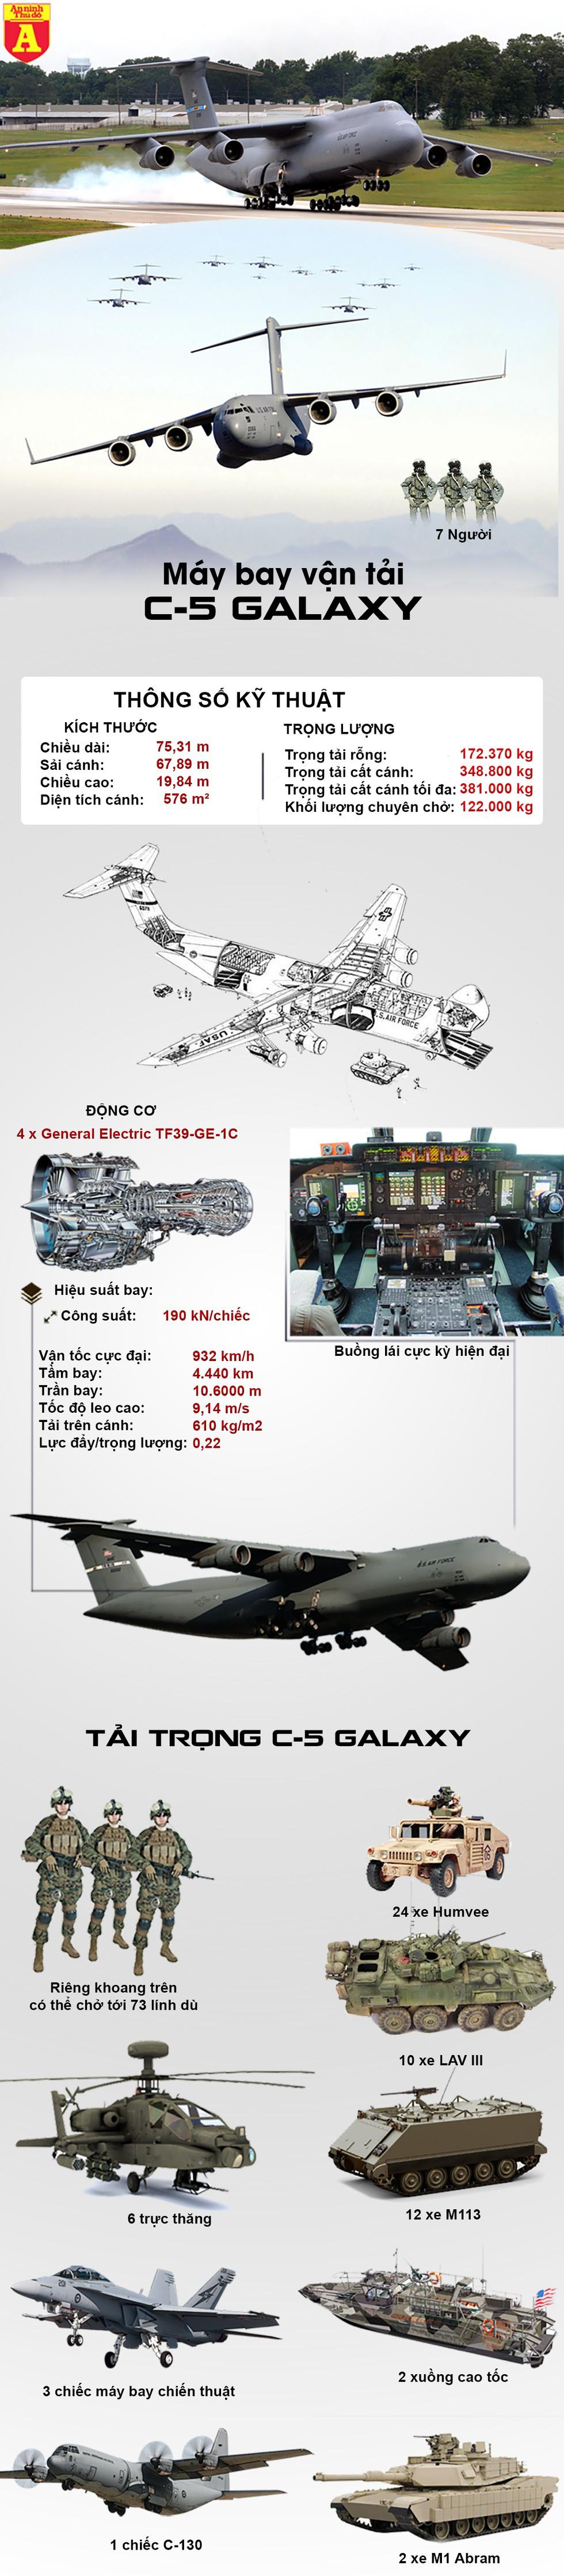 [Infographics] Máy bay khổng lồ của Mỹ lập tức chuyển Patriot tới áp sát Iran - Ảnh 1